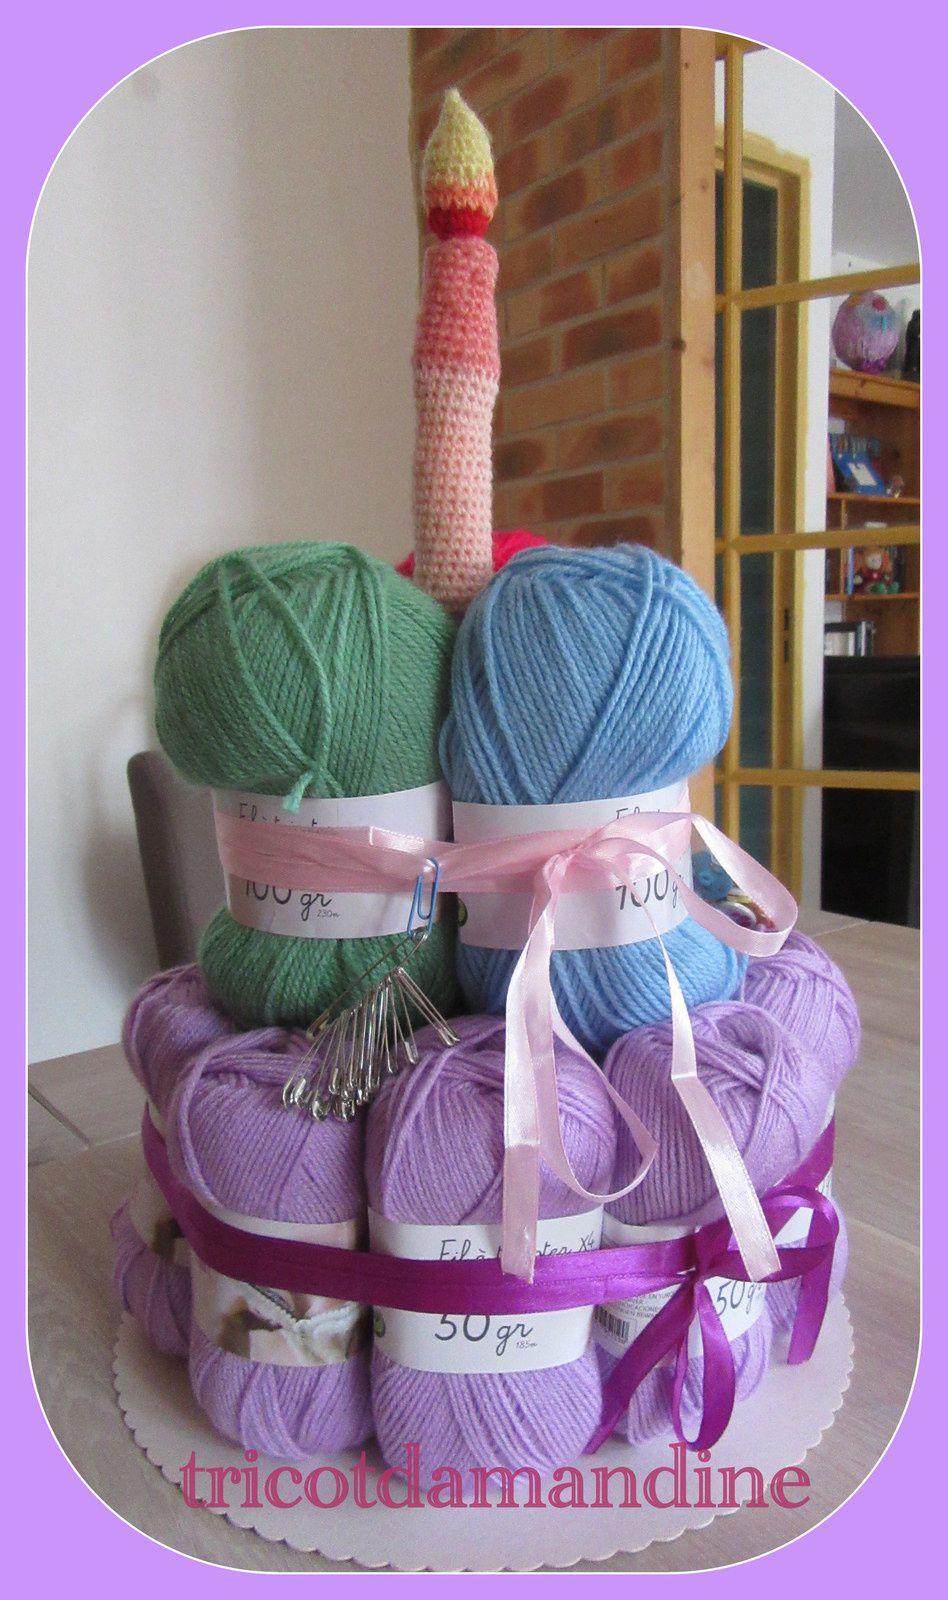 Une idée de cadeau pour tricoteuses-crocheteuses ...